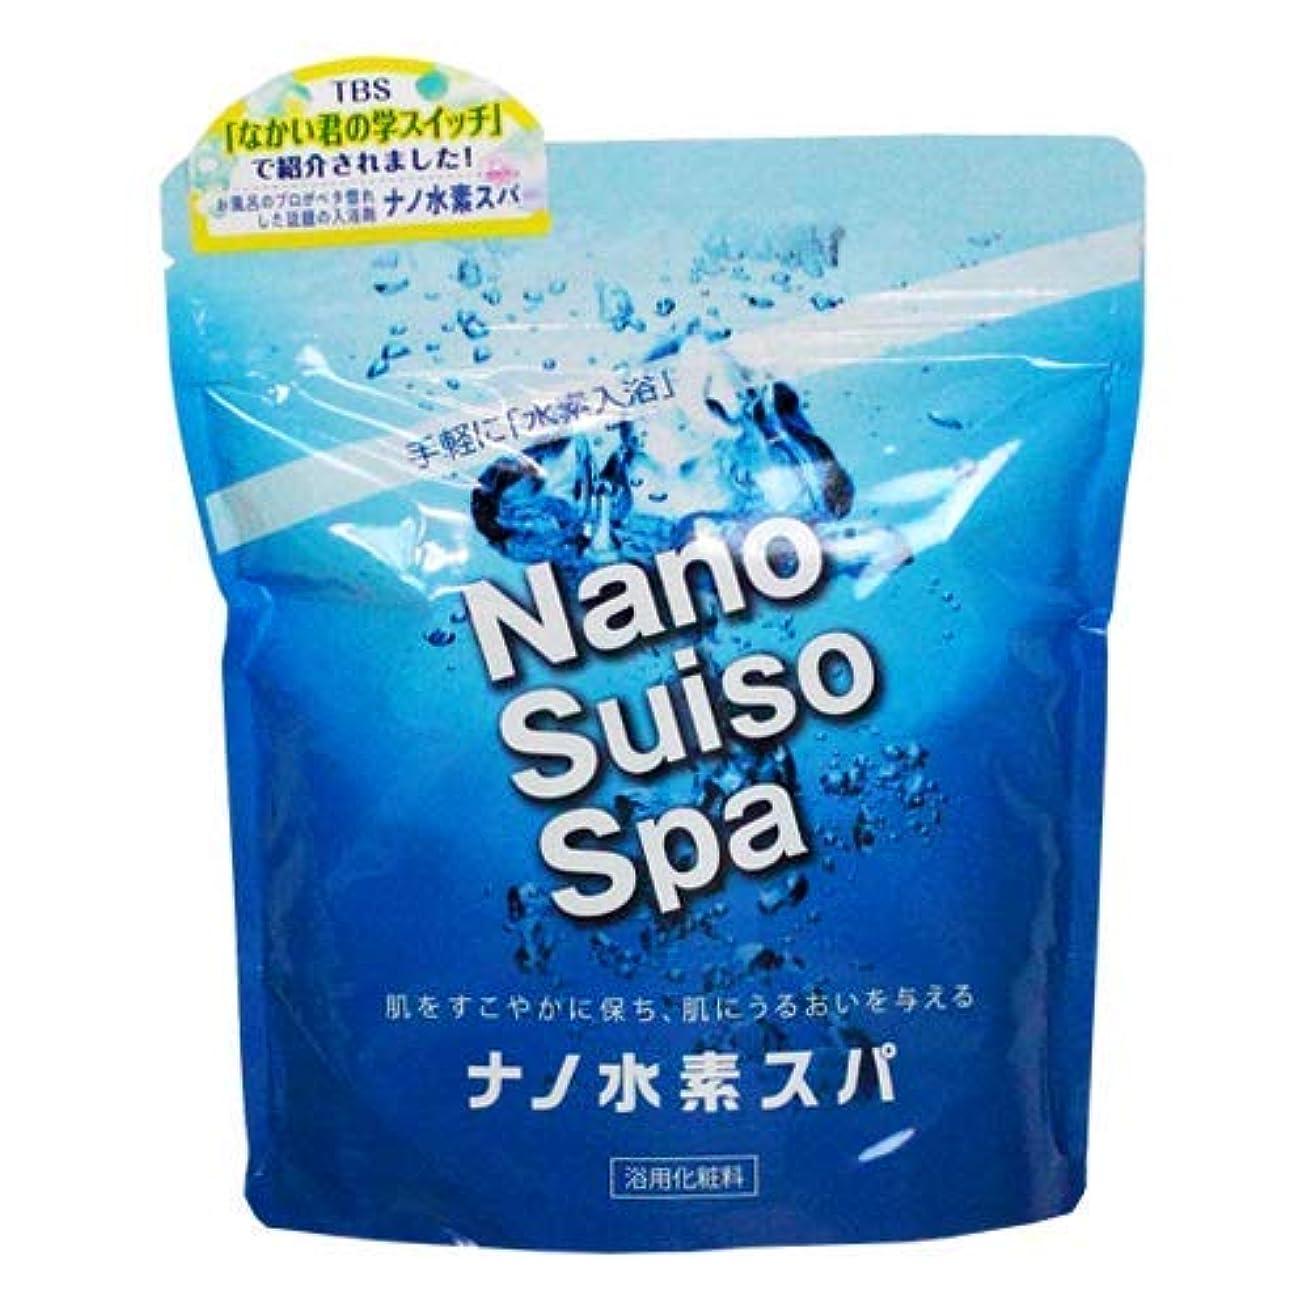 はっきりしない販売員リサイクルするナノ水素スパ1000g 高濃度水素発生入浴用